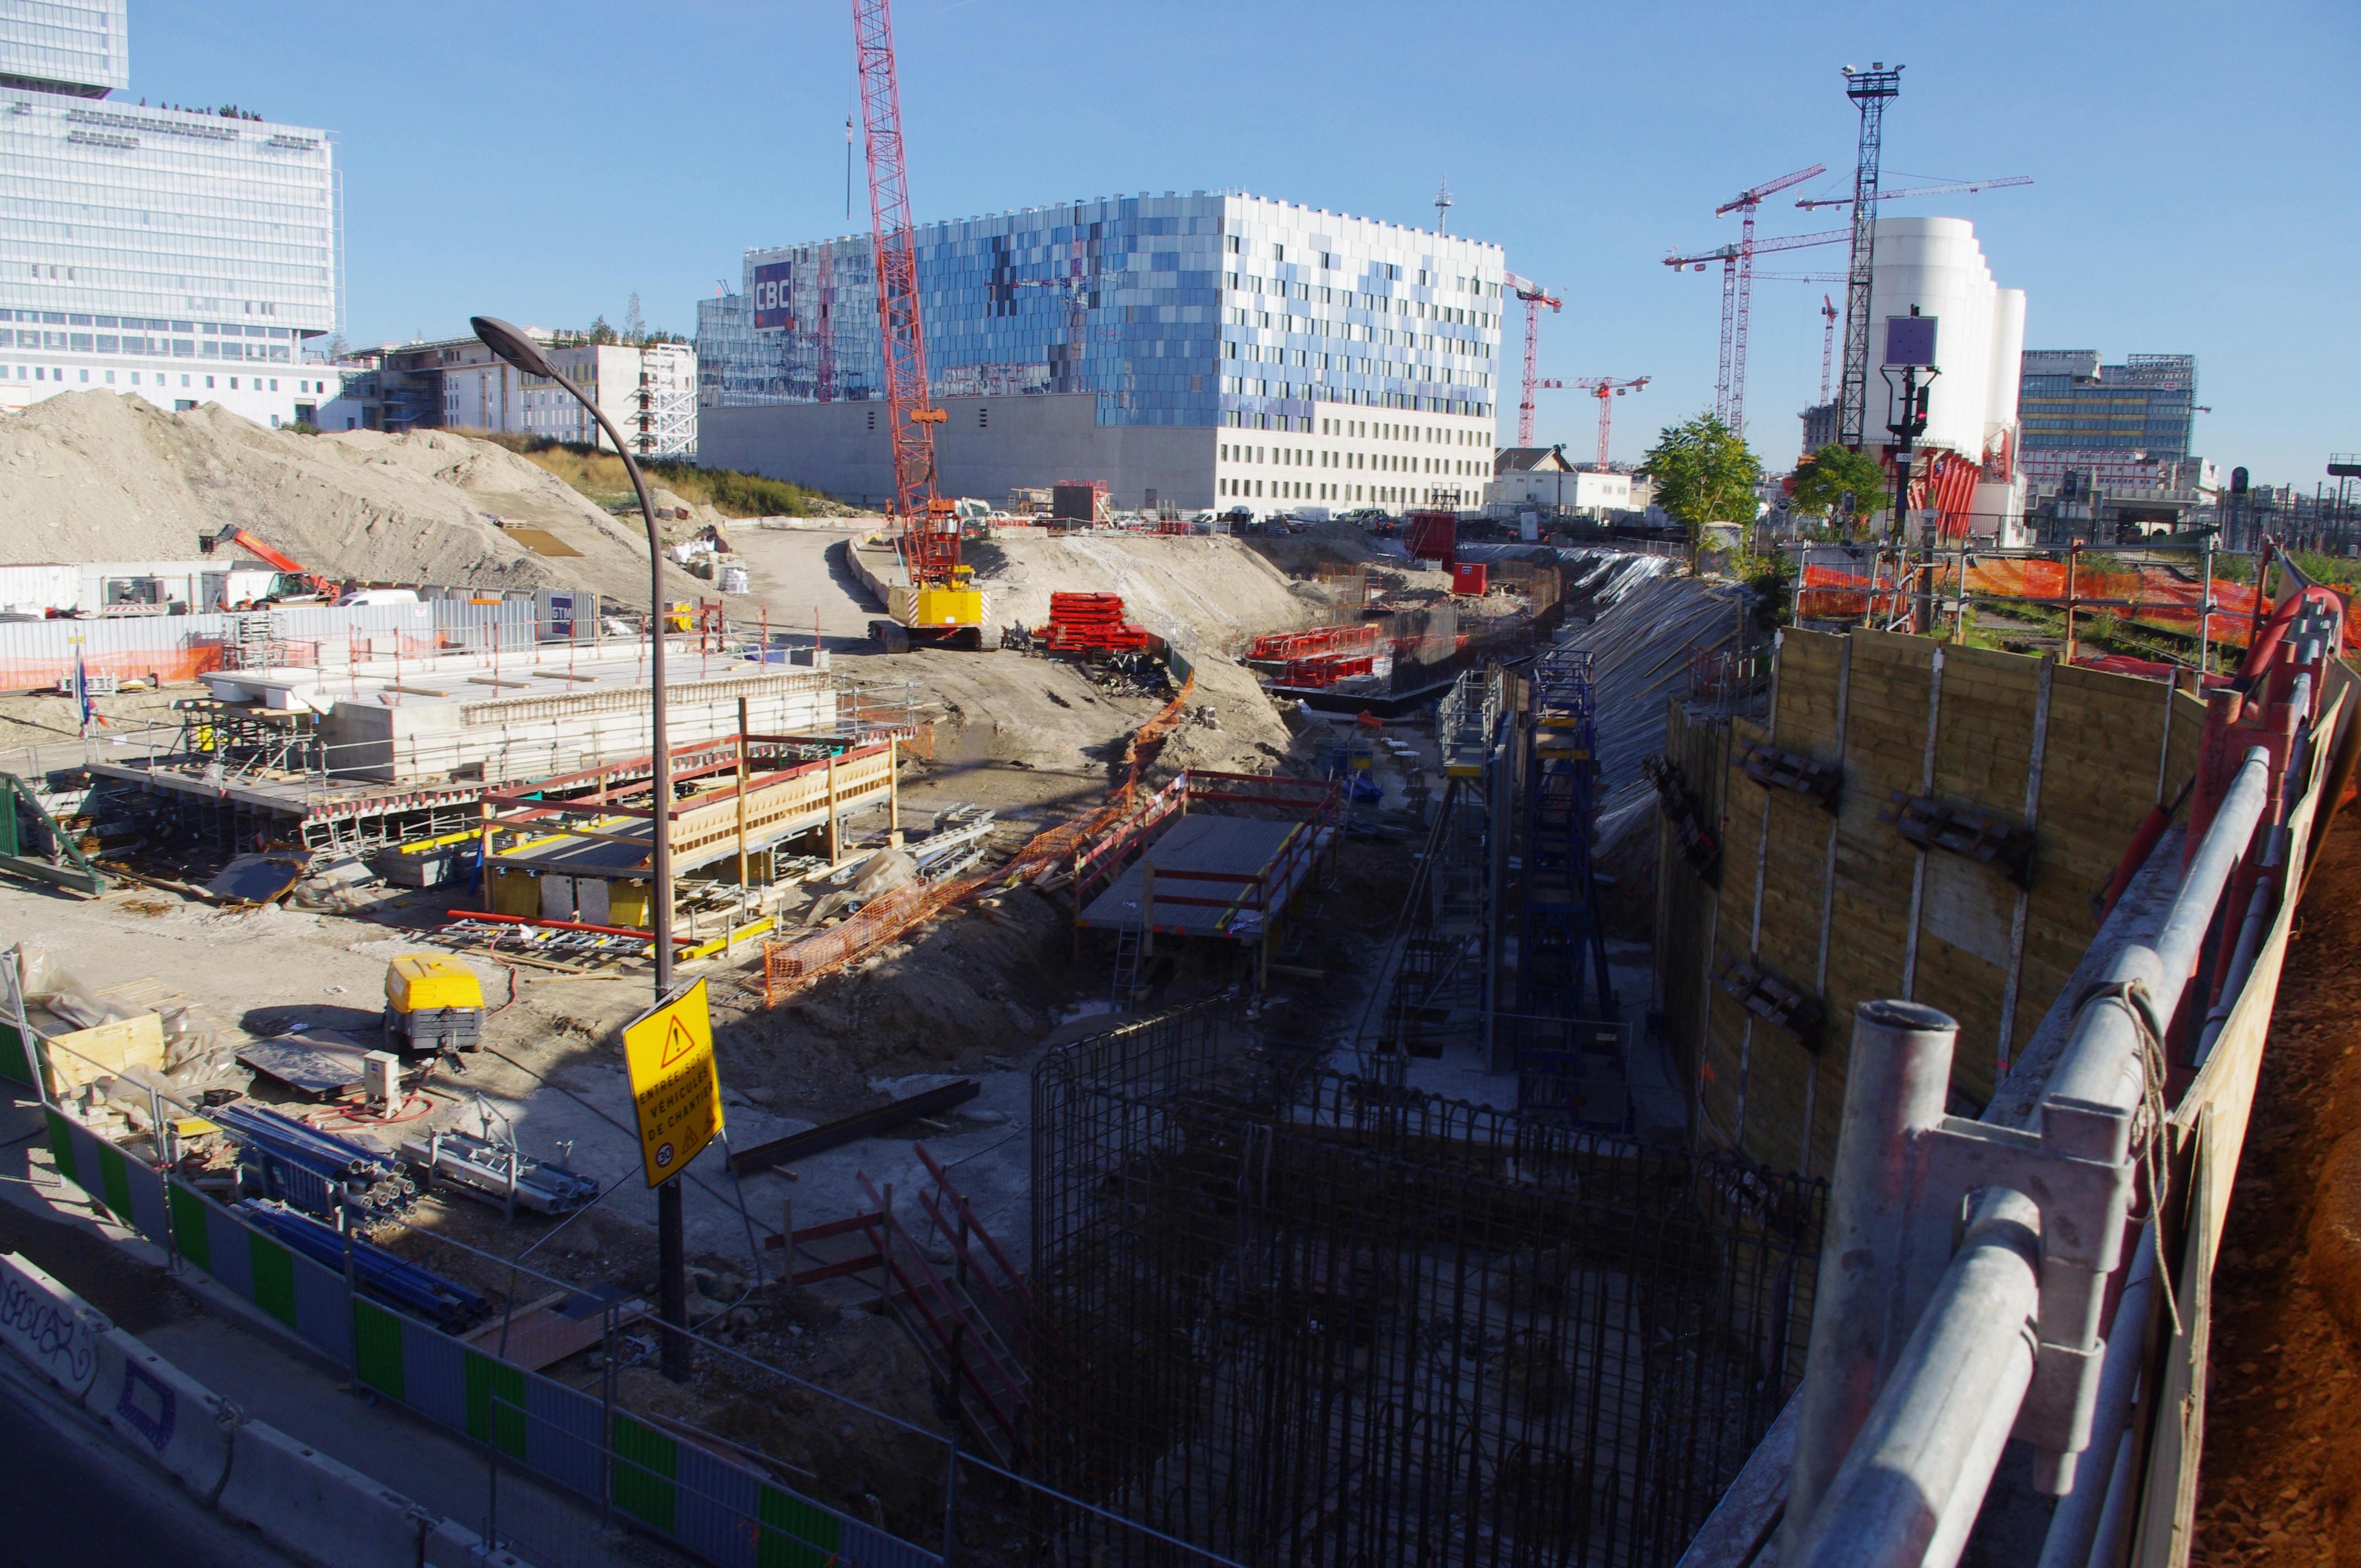 SNCF Construction Ponts Rails et murs soutènement sur pieux pour la création accès routier définitif au centre voie - Batignolles 75017 PARIS - Entreprise GTM TP IDF - Etudes Structure MIM Ingénieurs Conseils